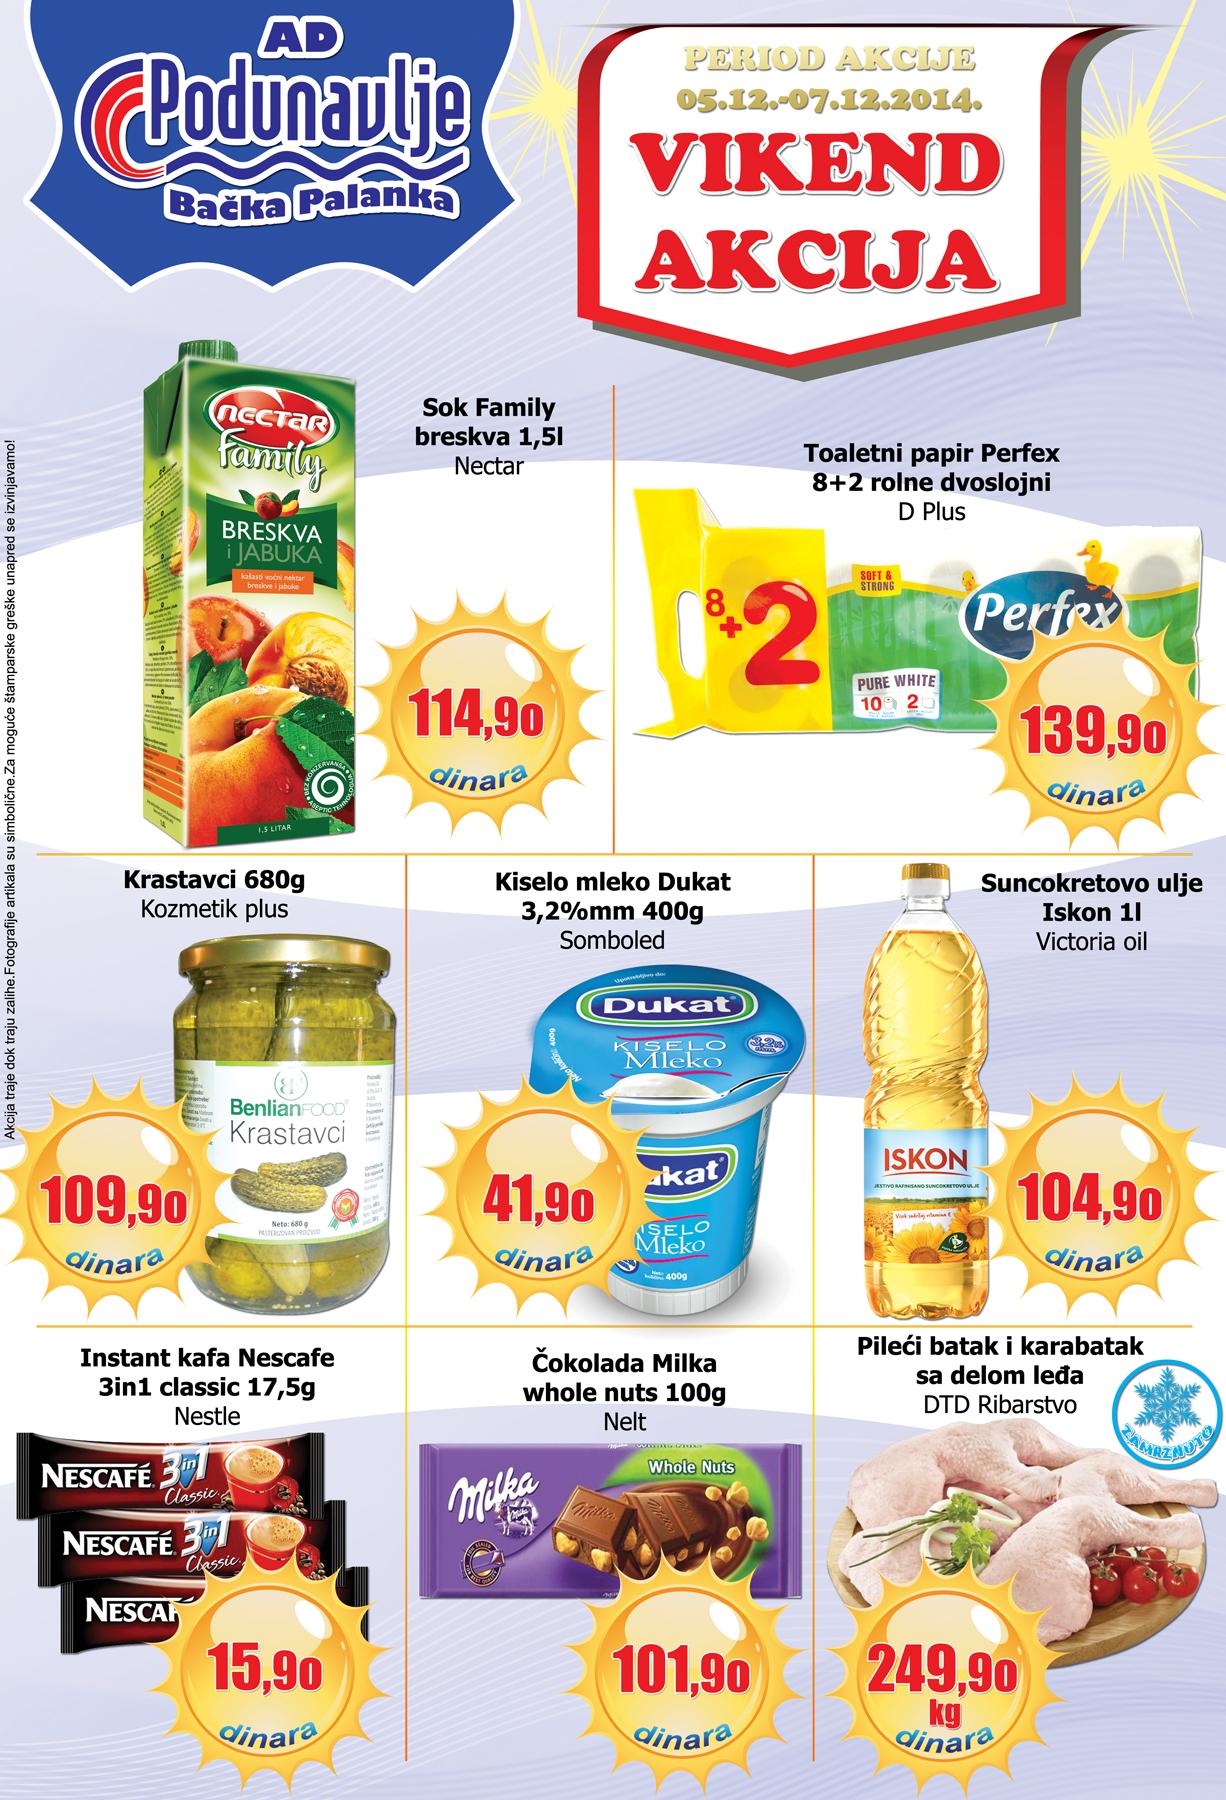 AD Podunavlje akcija vikend niskih cena